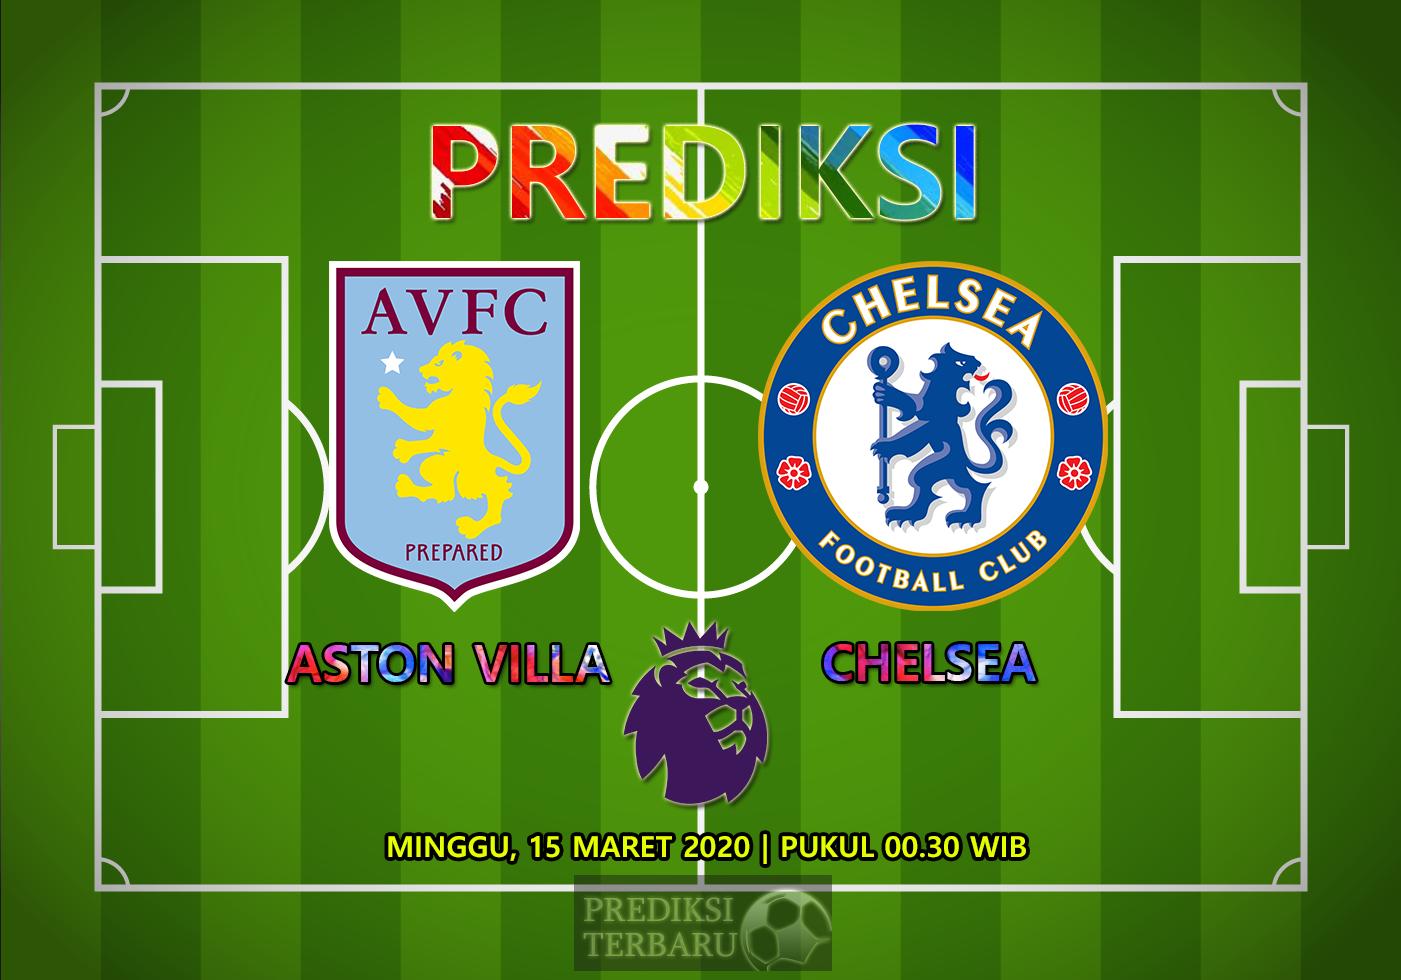 Prediksi Aston Villa Vs Chelsea Minggu 15 Maret